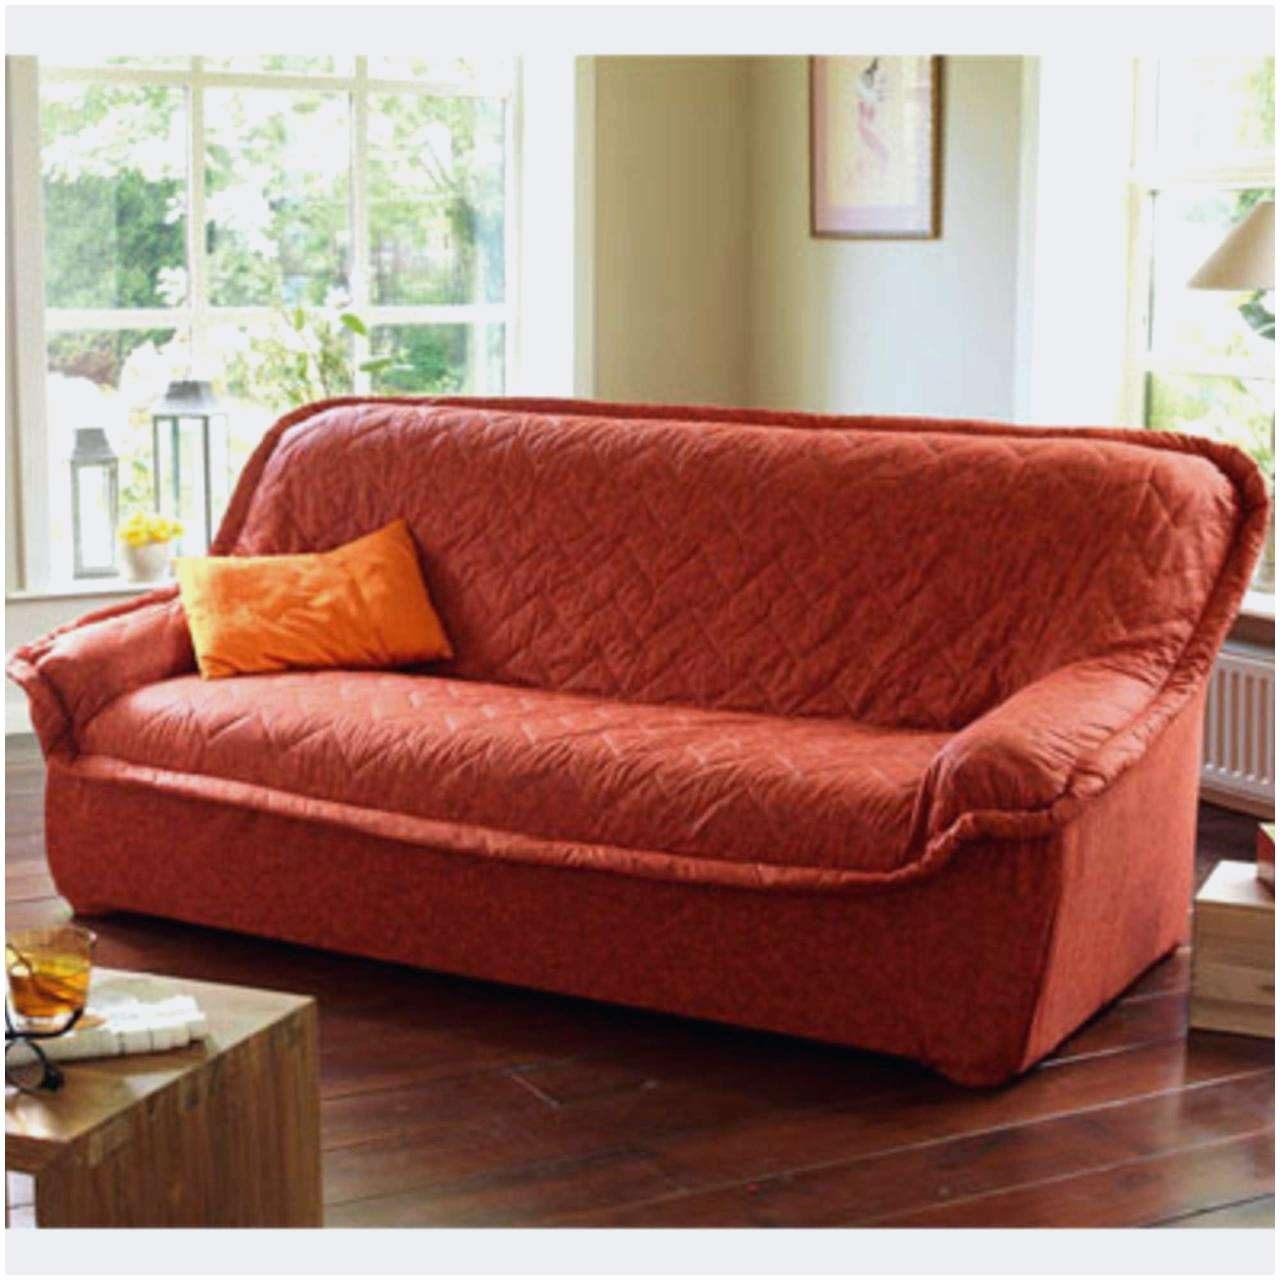 Canapé Lit Electrique Inspiré Unique Canapé 3 Places Tissu Relax Inspirational Housse Pour Canape